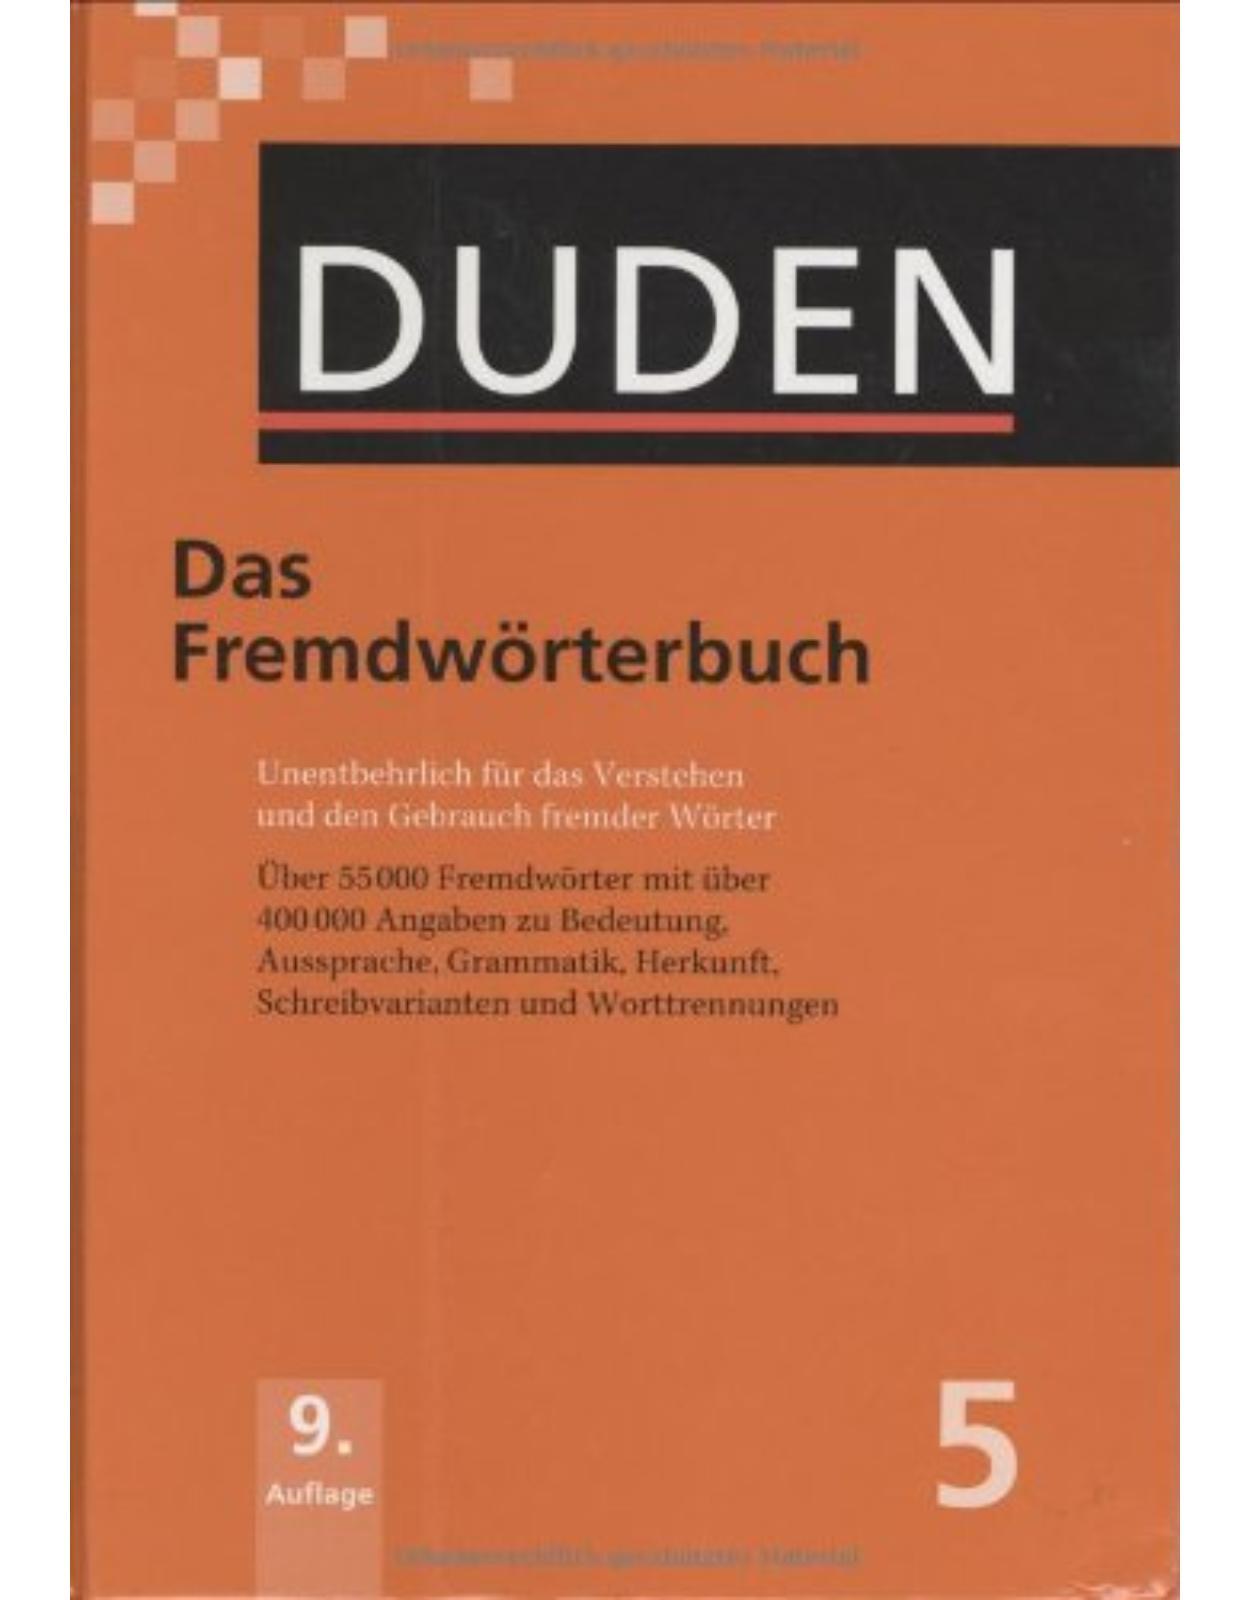 Der Duden in 12 Bänden - Band 5 : Das Fremdwörterbuch